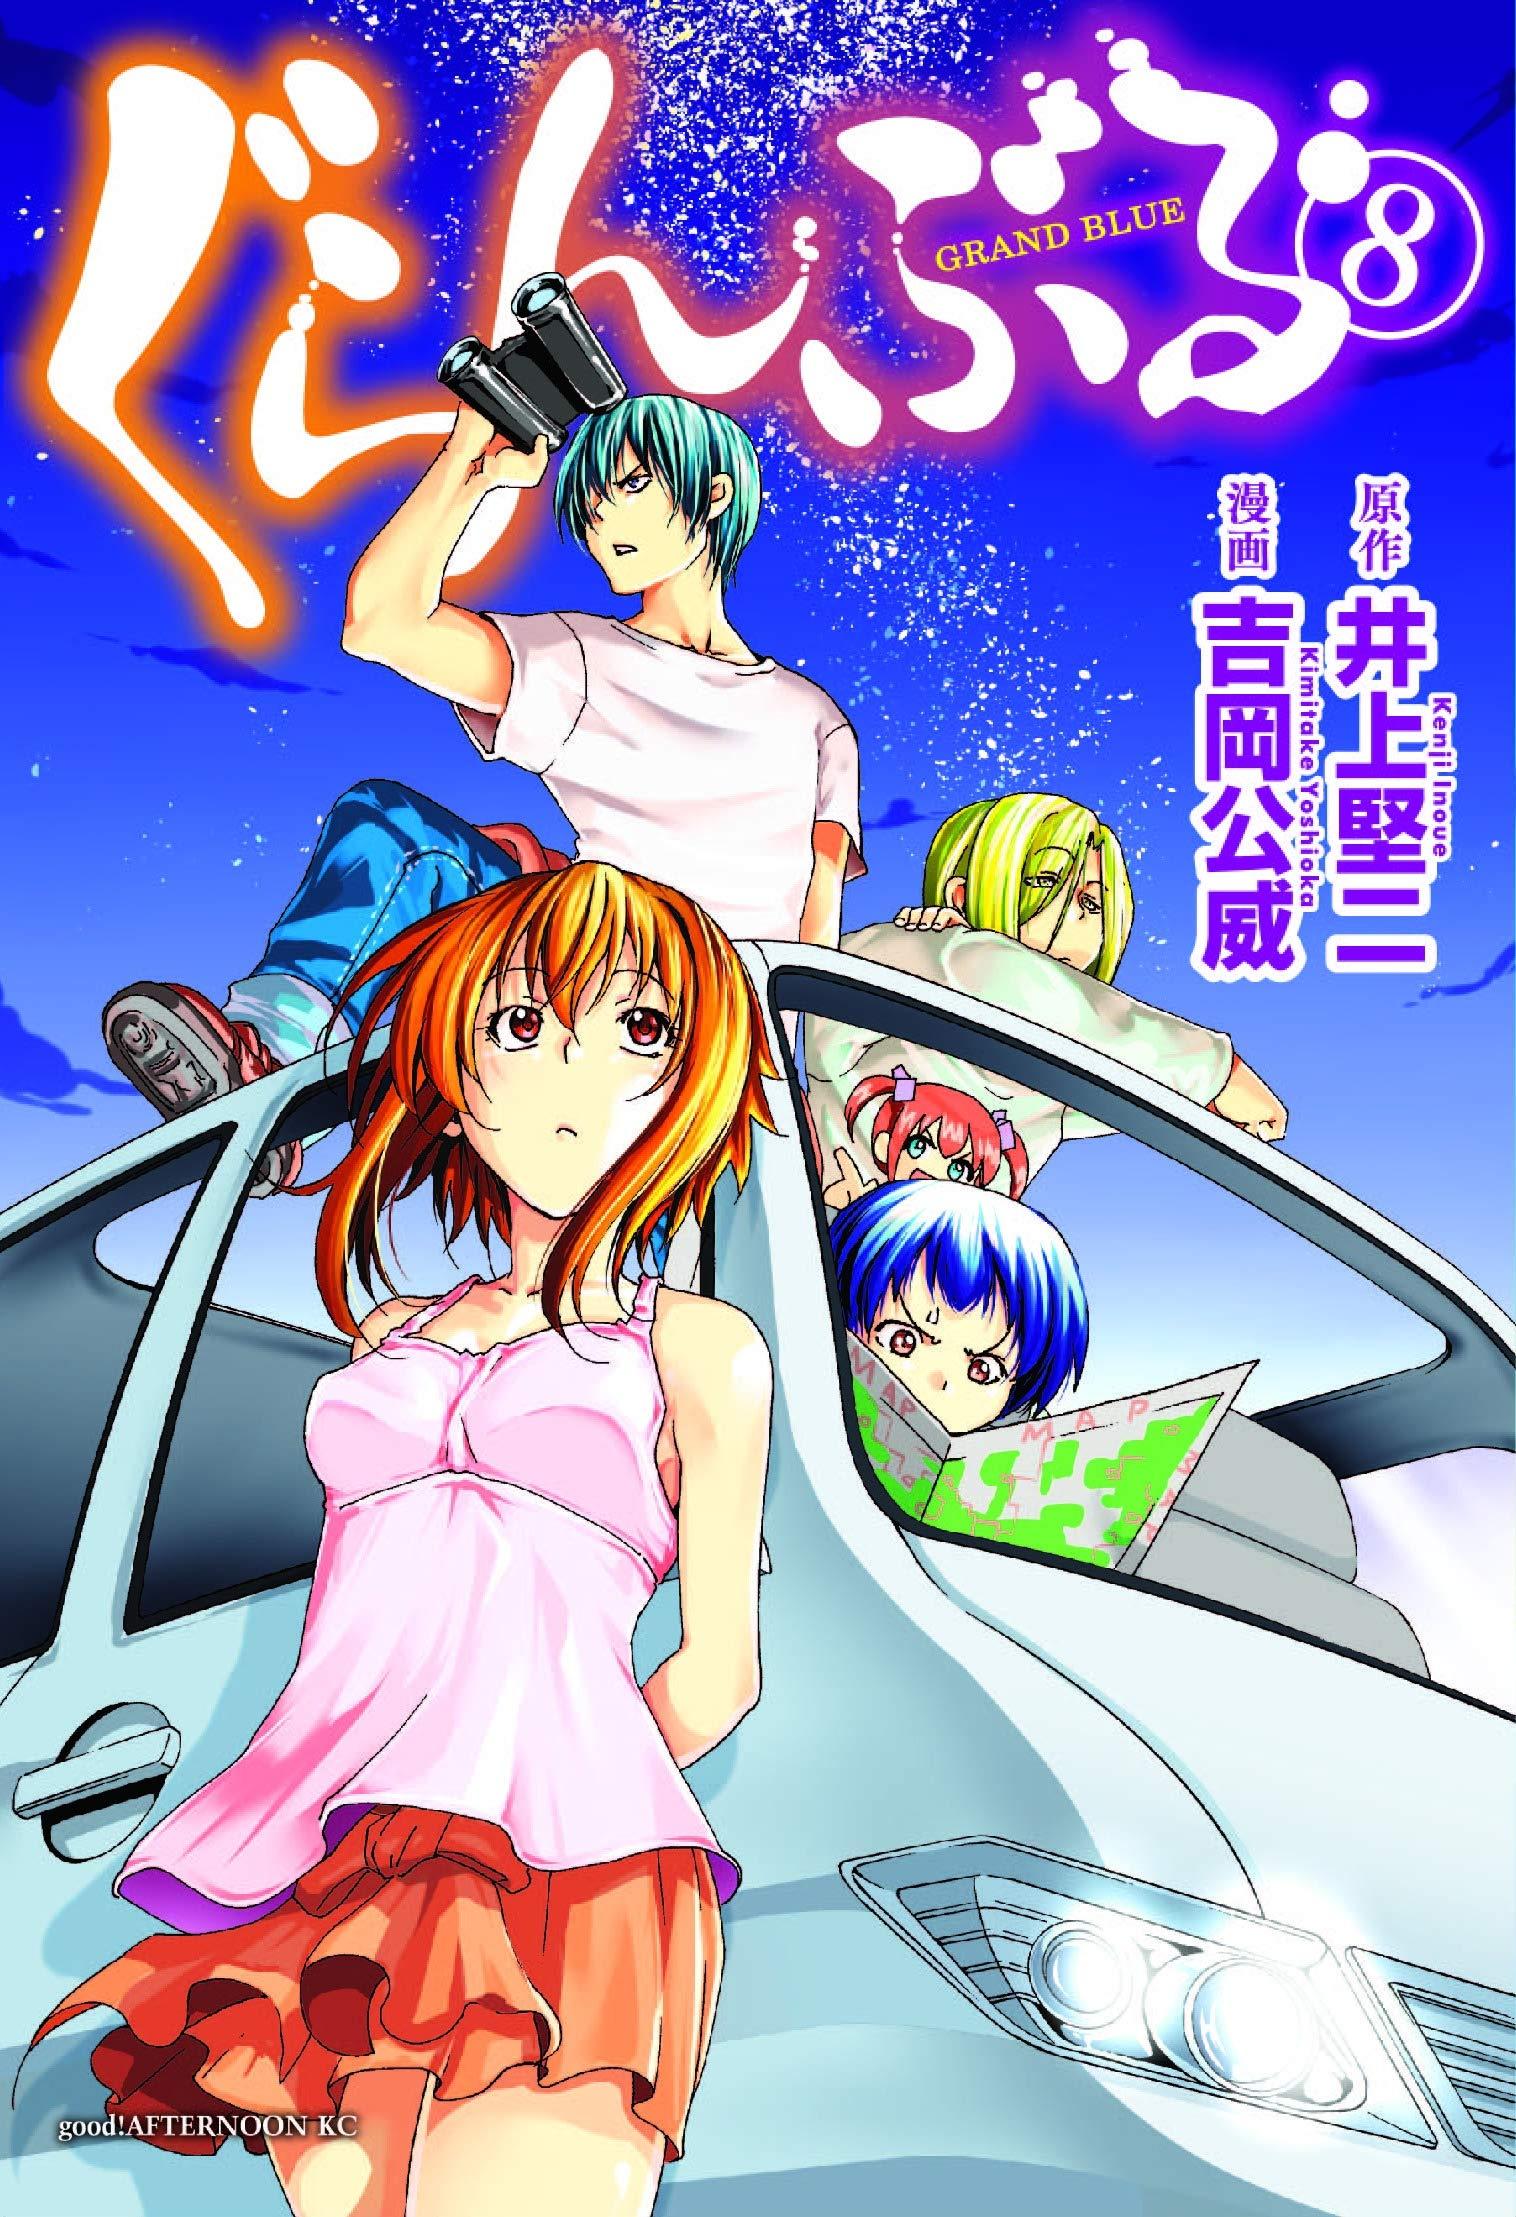 Anime like grand blue